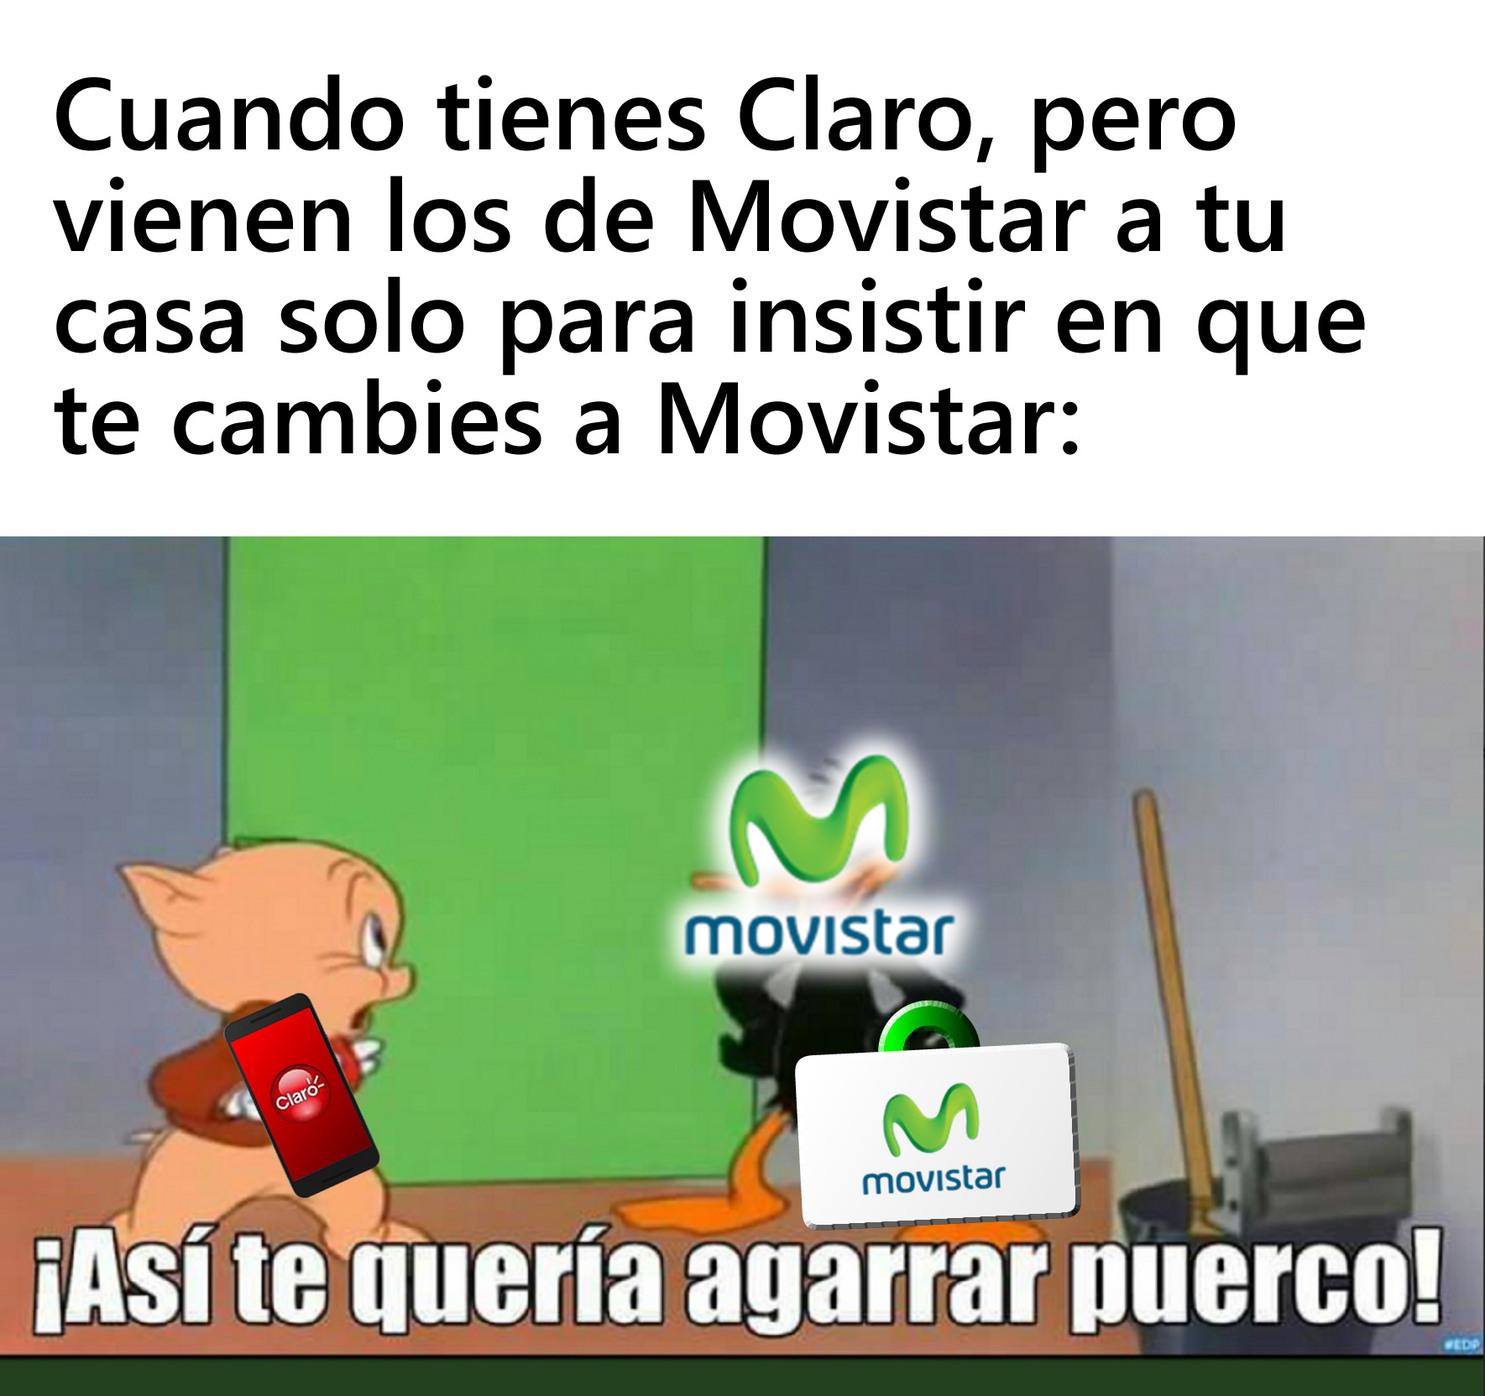 Ya me tienen hinchadas las pelotas los de Movistar, Yo nunca me voy a cambiar a Movistar, entendieron? - meme